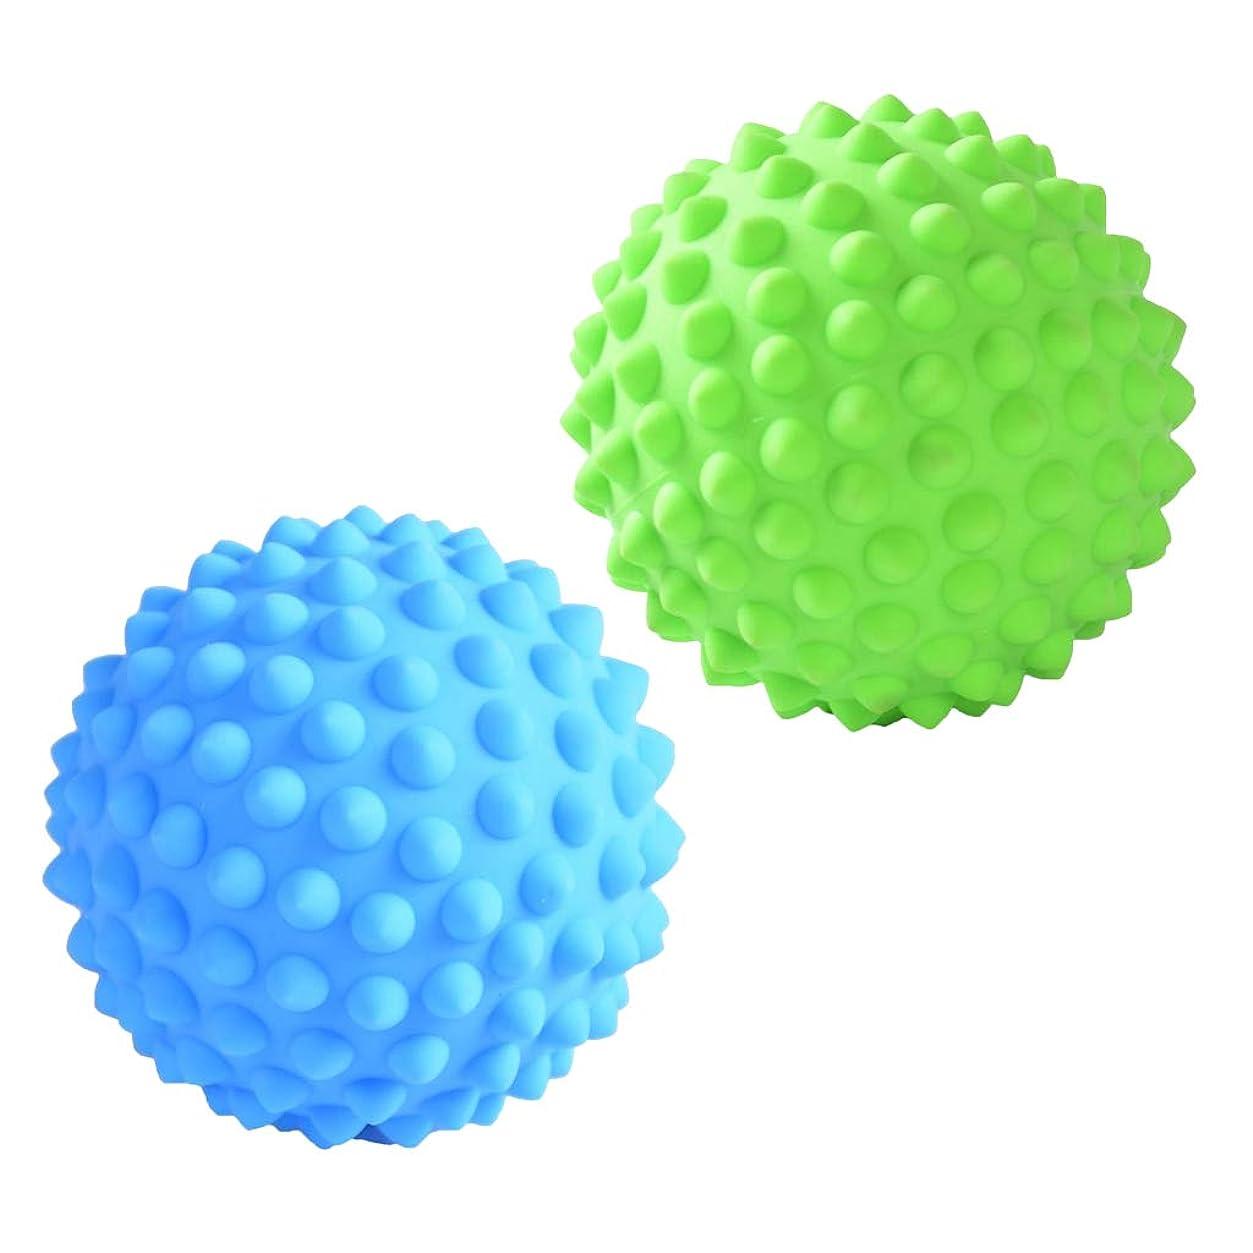 ヘクタールプラットフォーム実装するD DOLITY マッサージローラーボール マッサージローラー 指圧ボール トリガーポイント ツボ押しグッズ 2個入